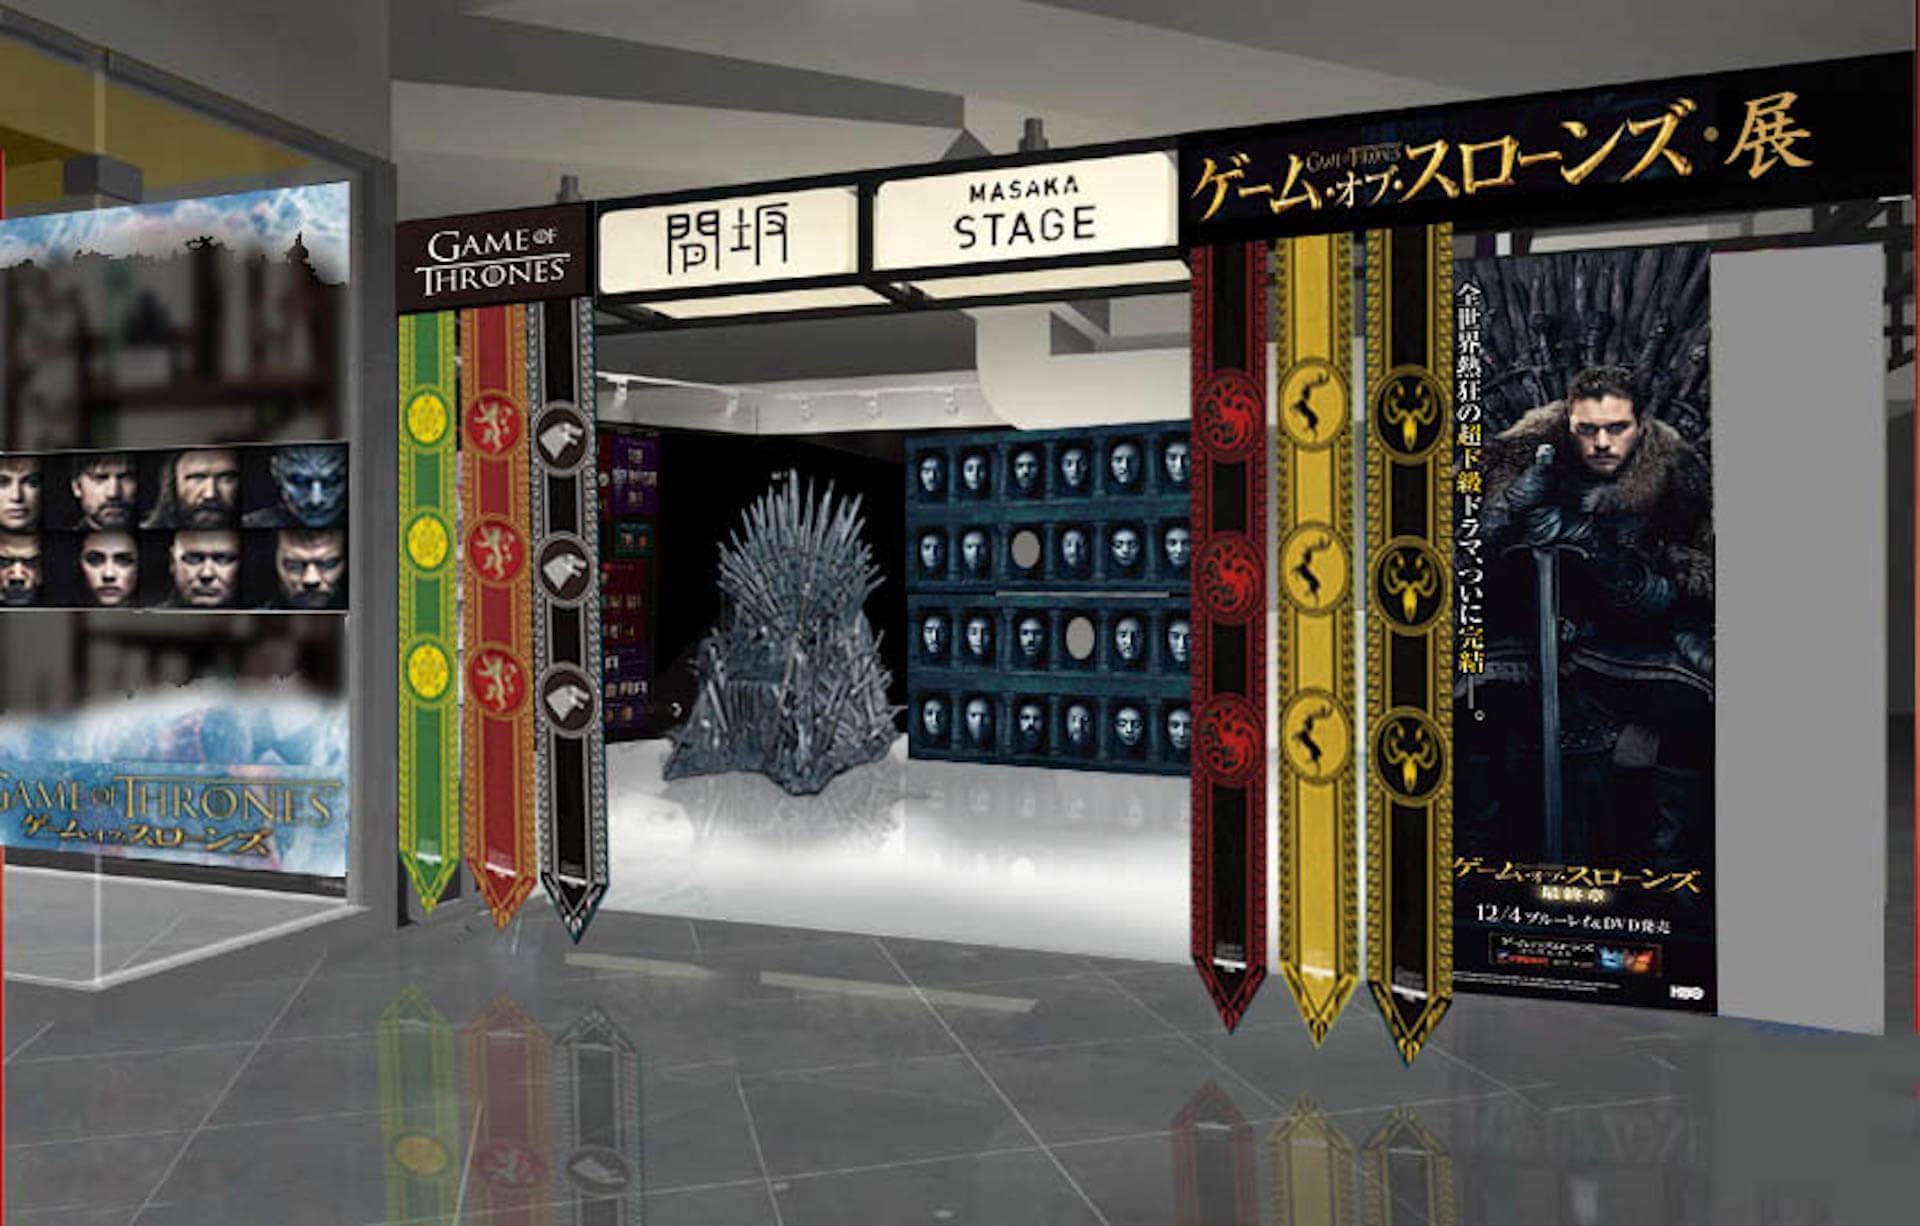 渋谷ロフトで『ゲーム・オブ・スローンズ』の世界観を堪能できる<ゲーム・オブ・スローンズ展>が開催決定! art191129_gameofthrones_loft_4